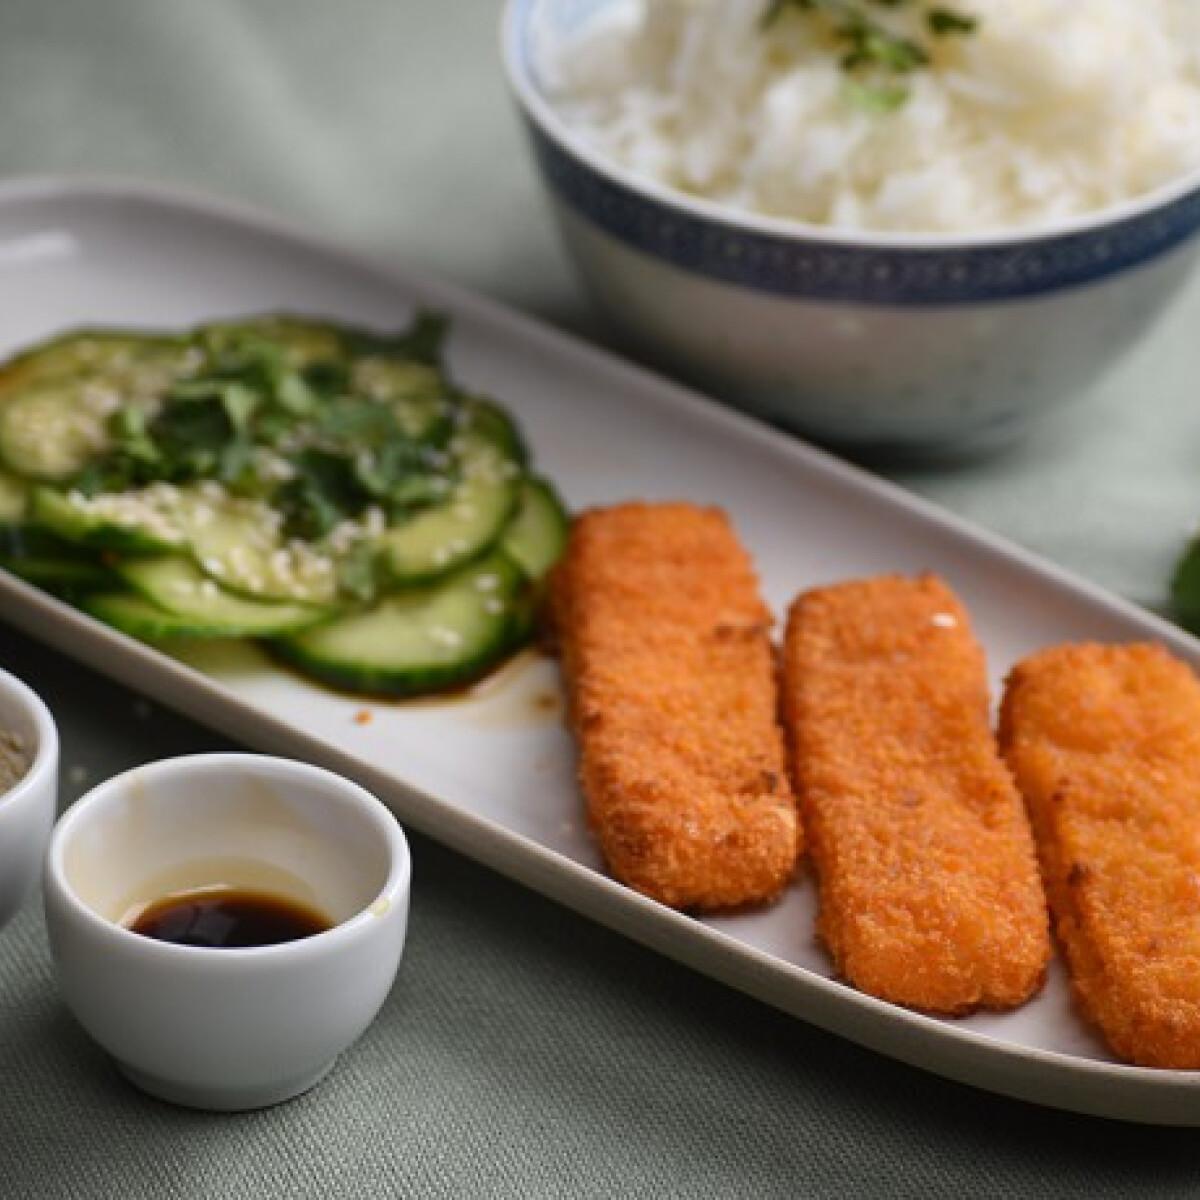 Ezen a képen: Arany halrudak ázsiai uborkasalátával és párolt rizzsel